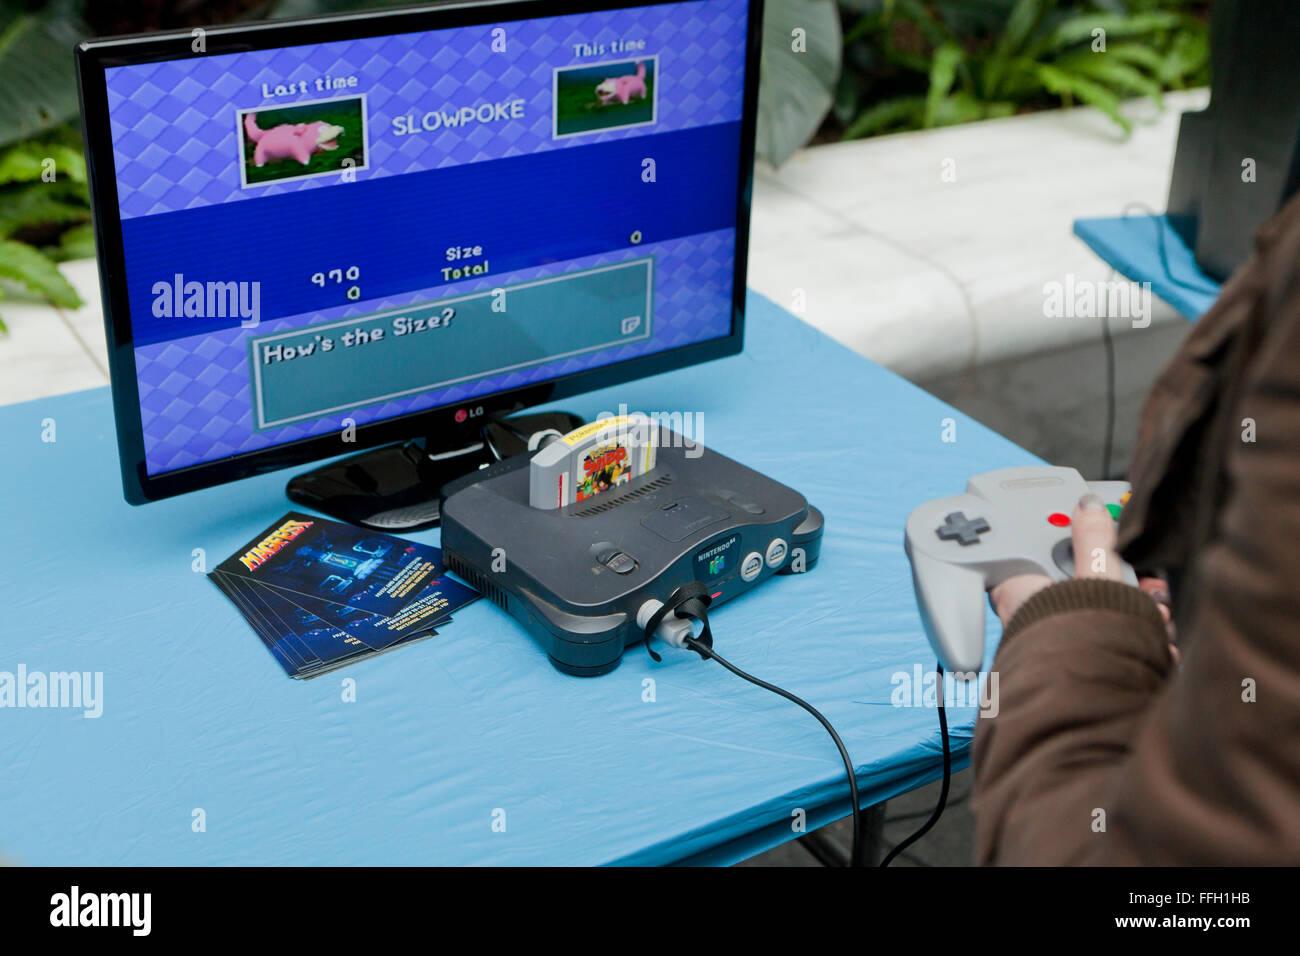 La console de jeux vidéo Nintendo 64 et joystick - USA Photo Stock